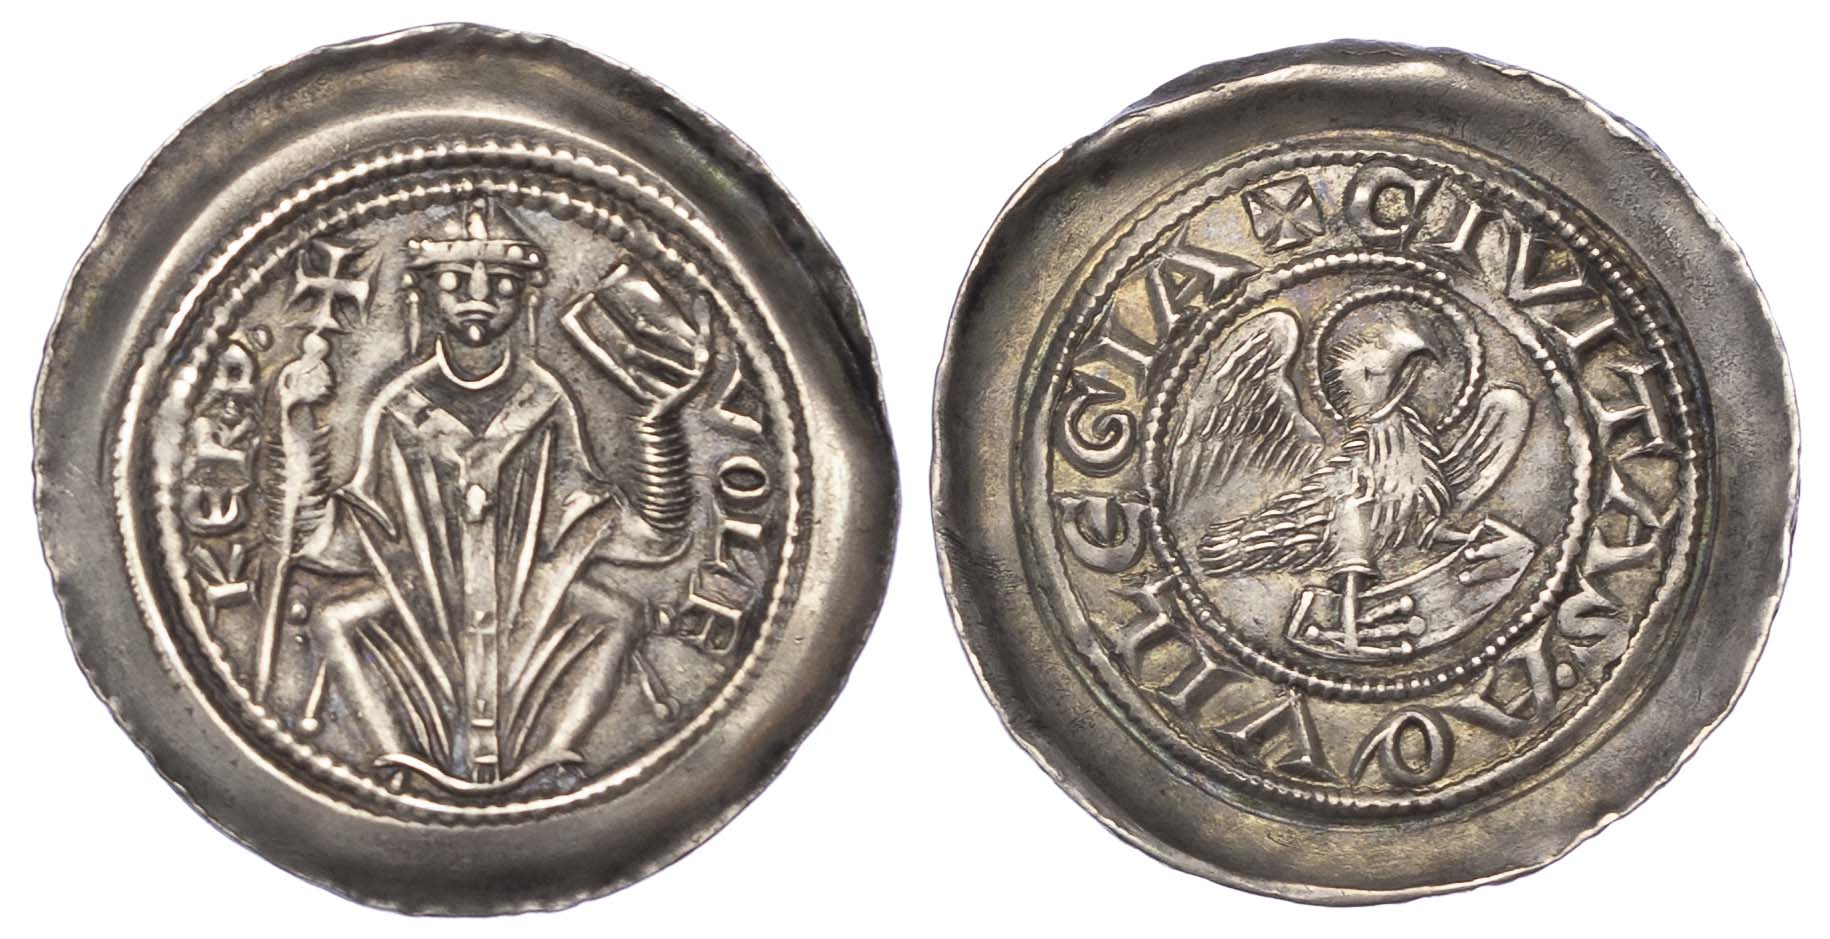 Italy, Aquilea, Volchero (1204-18), silver Denaro con Aquila